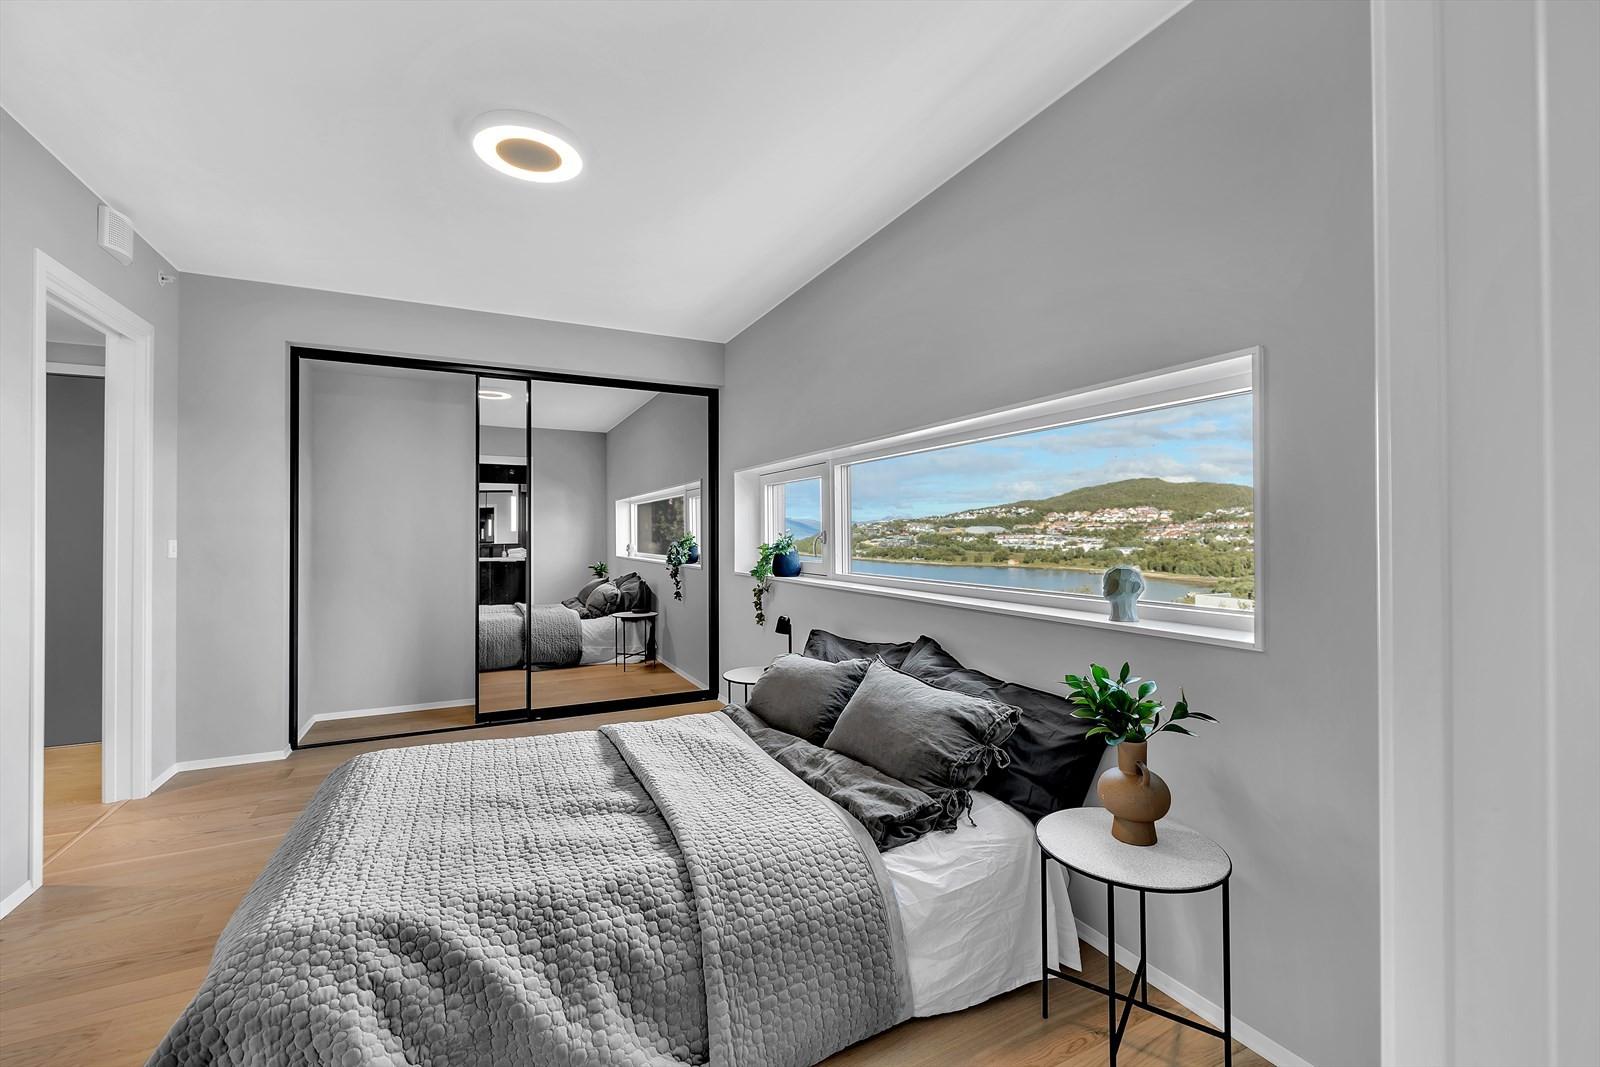 Skyvedørsgarderobe med speilfronter i soverommet